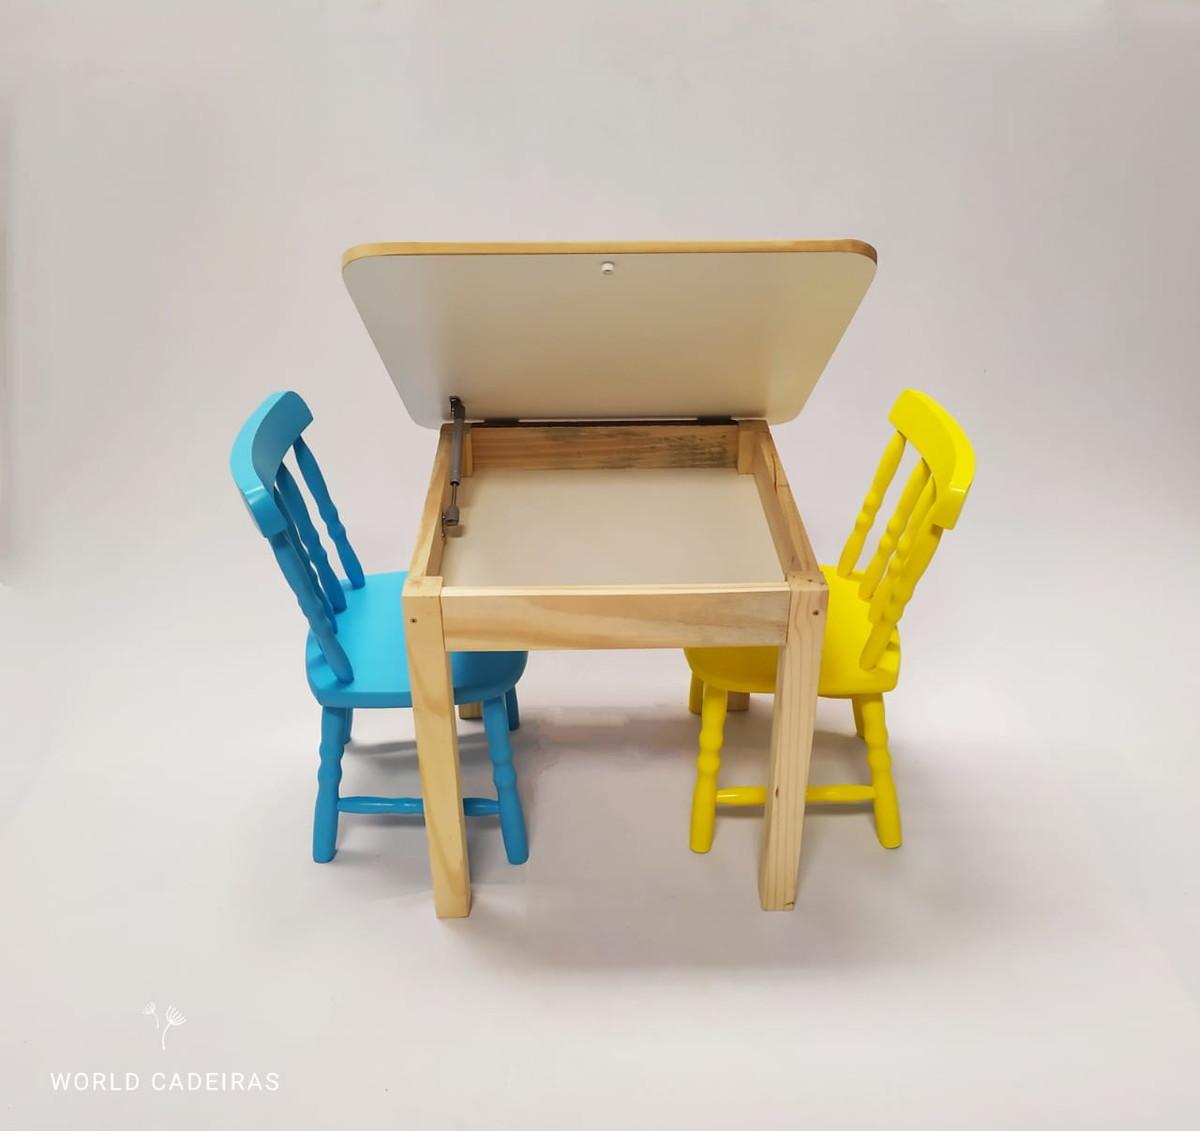 Image of: Mesa Infantil Bau 2 Cadeira Madeira Pintura Laqueadas Forte No Elo7 World Cadeiras 12c8947